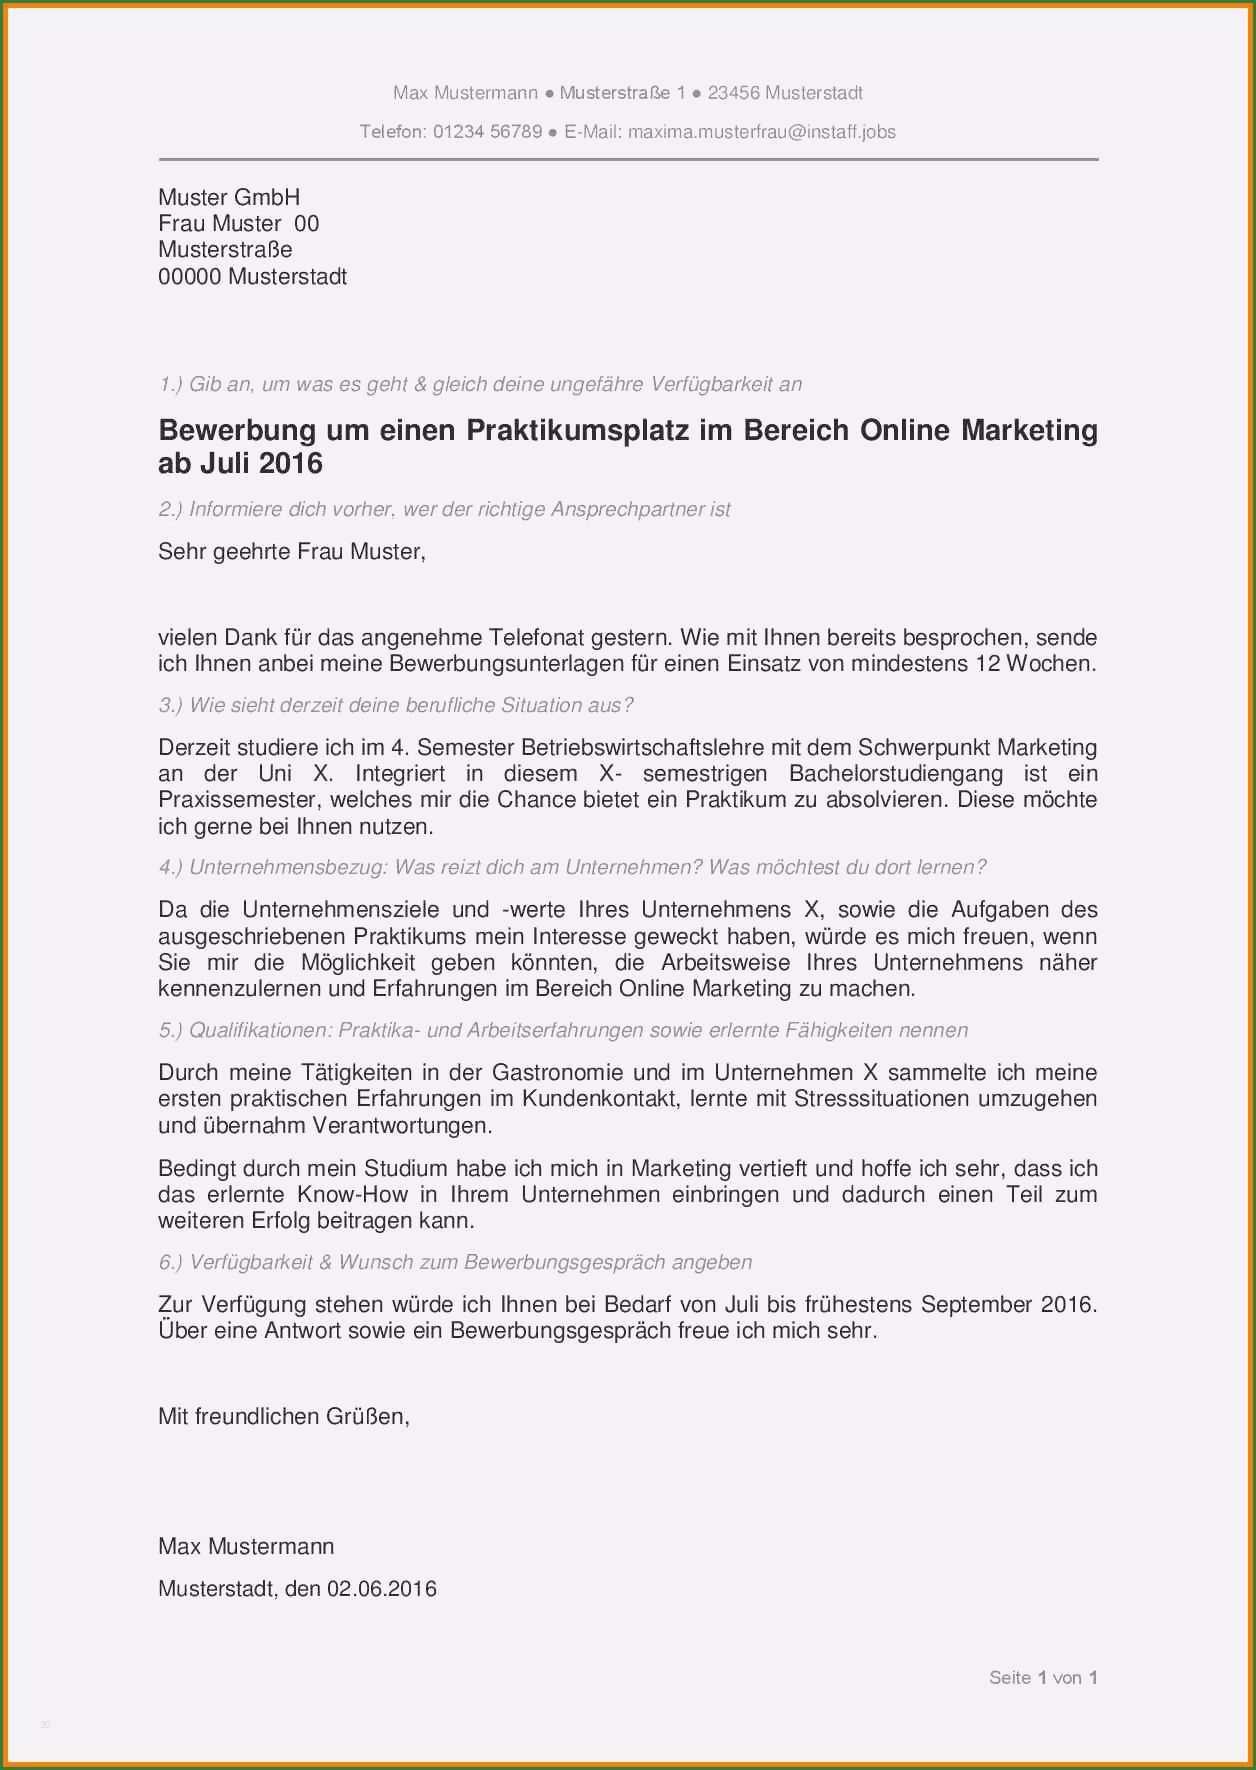 Magnificent Praktikumsbericht Krankenhaus Vorlage Die Sie Begeistern Praktikumsbericht Lebenslauf Deckblatt Praktikumsbericht